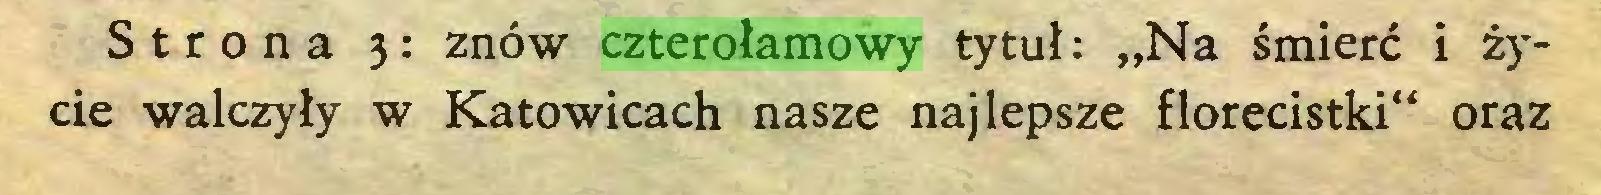 """(...) Strona 3: znów czterołamowy tytuł: """"Na śmierć i życie walczyły w Katowicach nasze najlepsze florecistki"""" oraz..."""